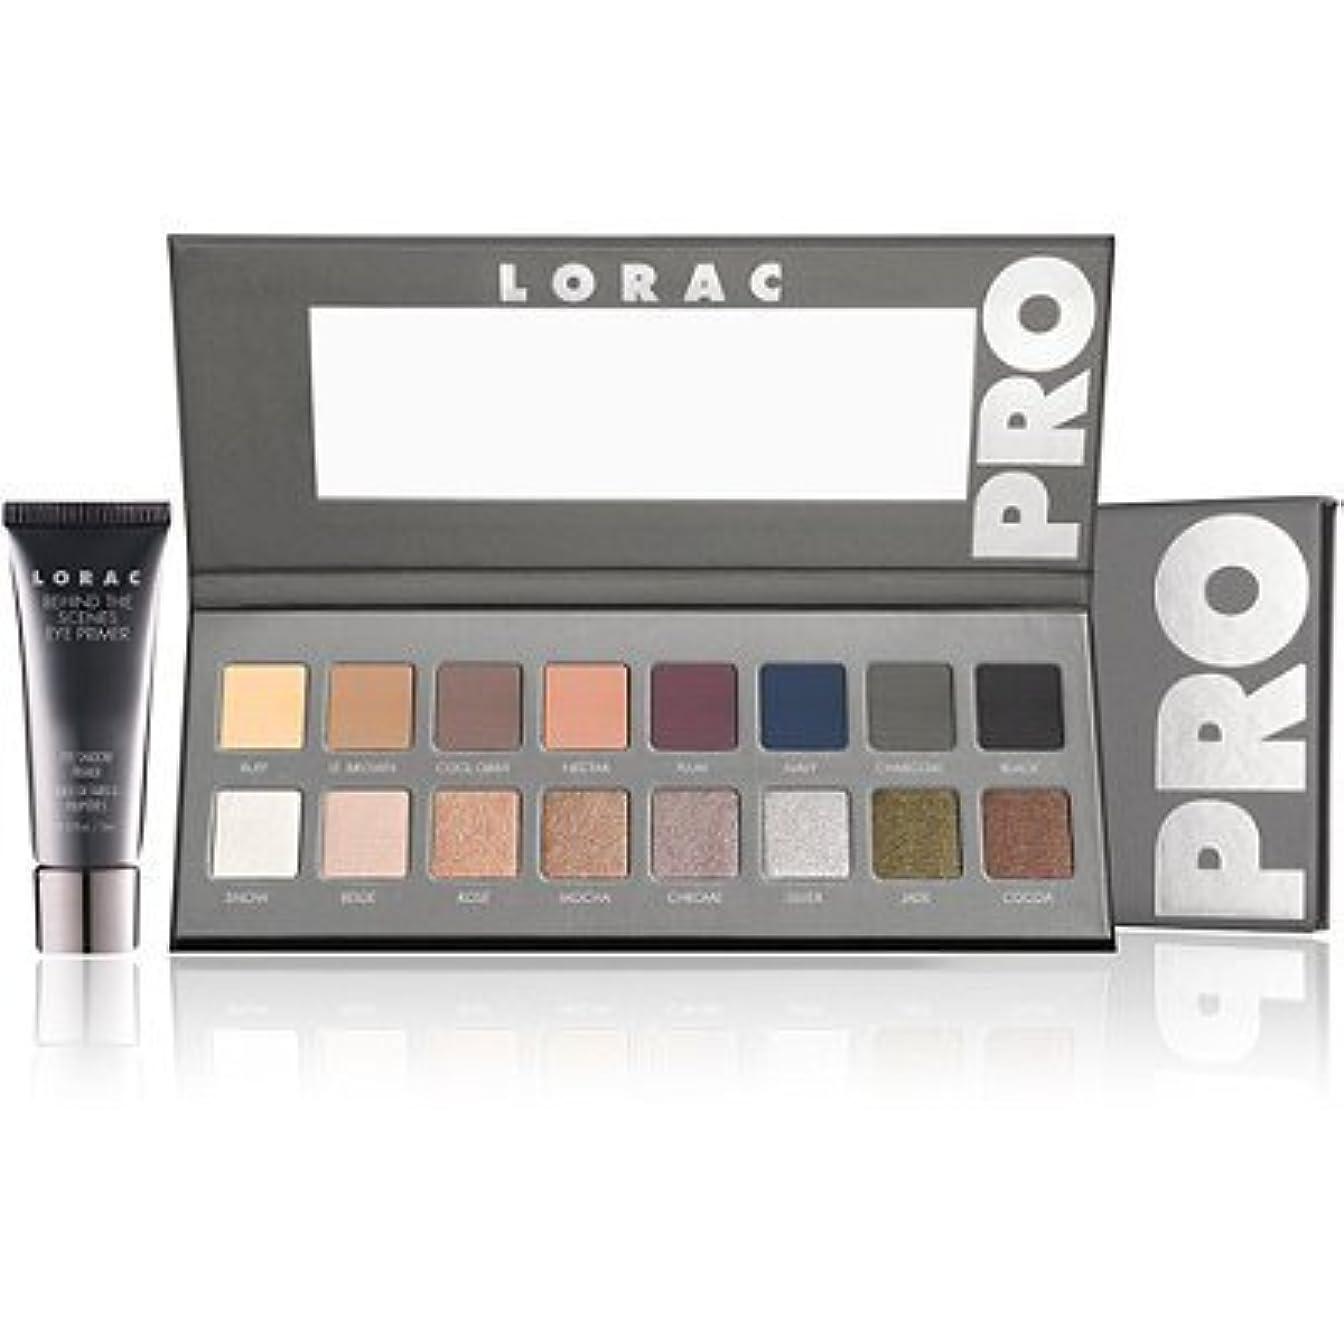 砂神学校飽和するLORAC  'PRO' Palette 2 / LORACプロのアイメイク シャドウパレット 16色